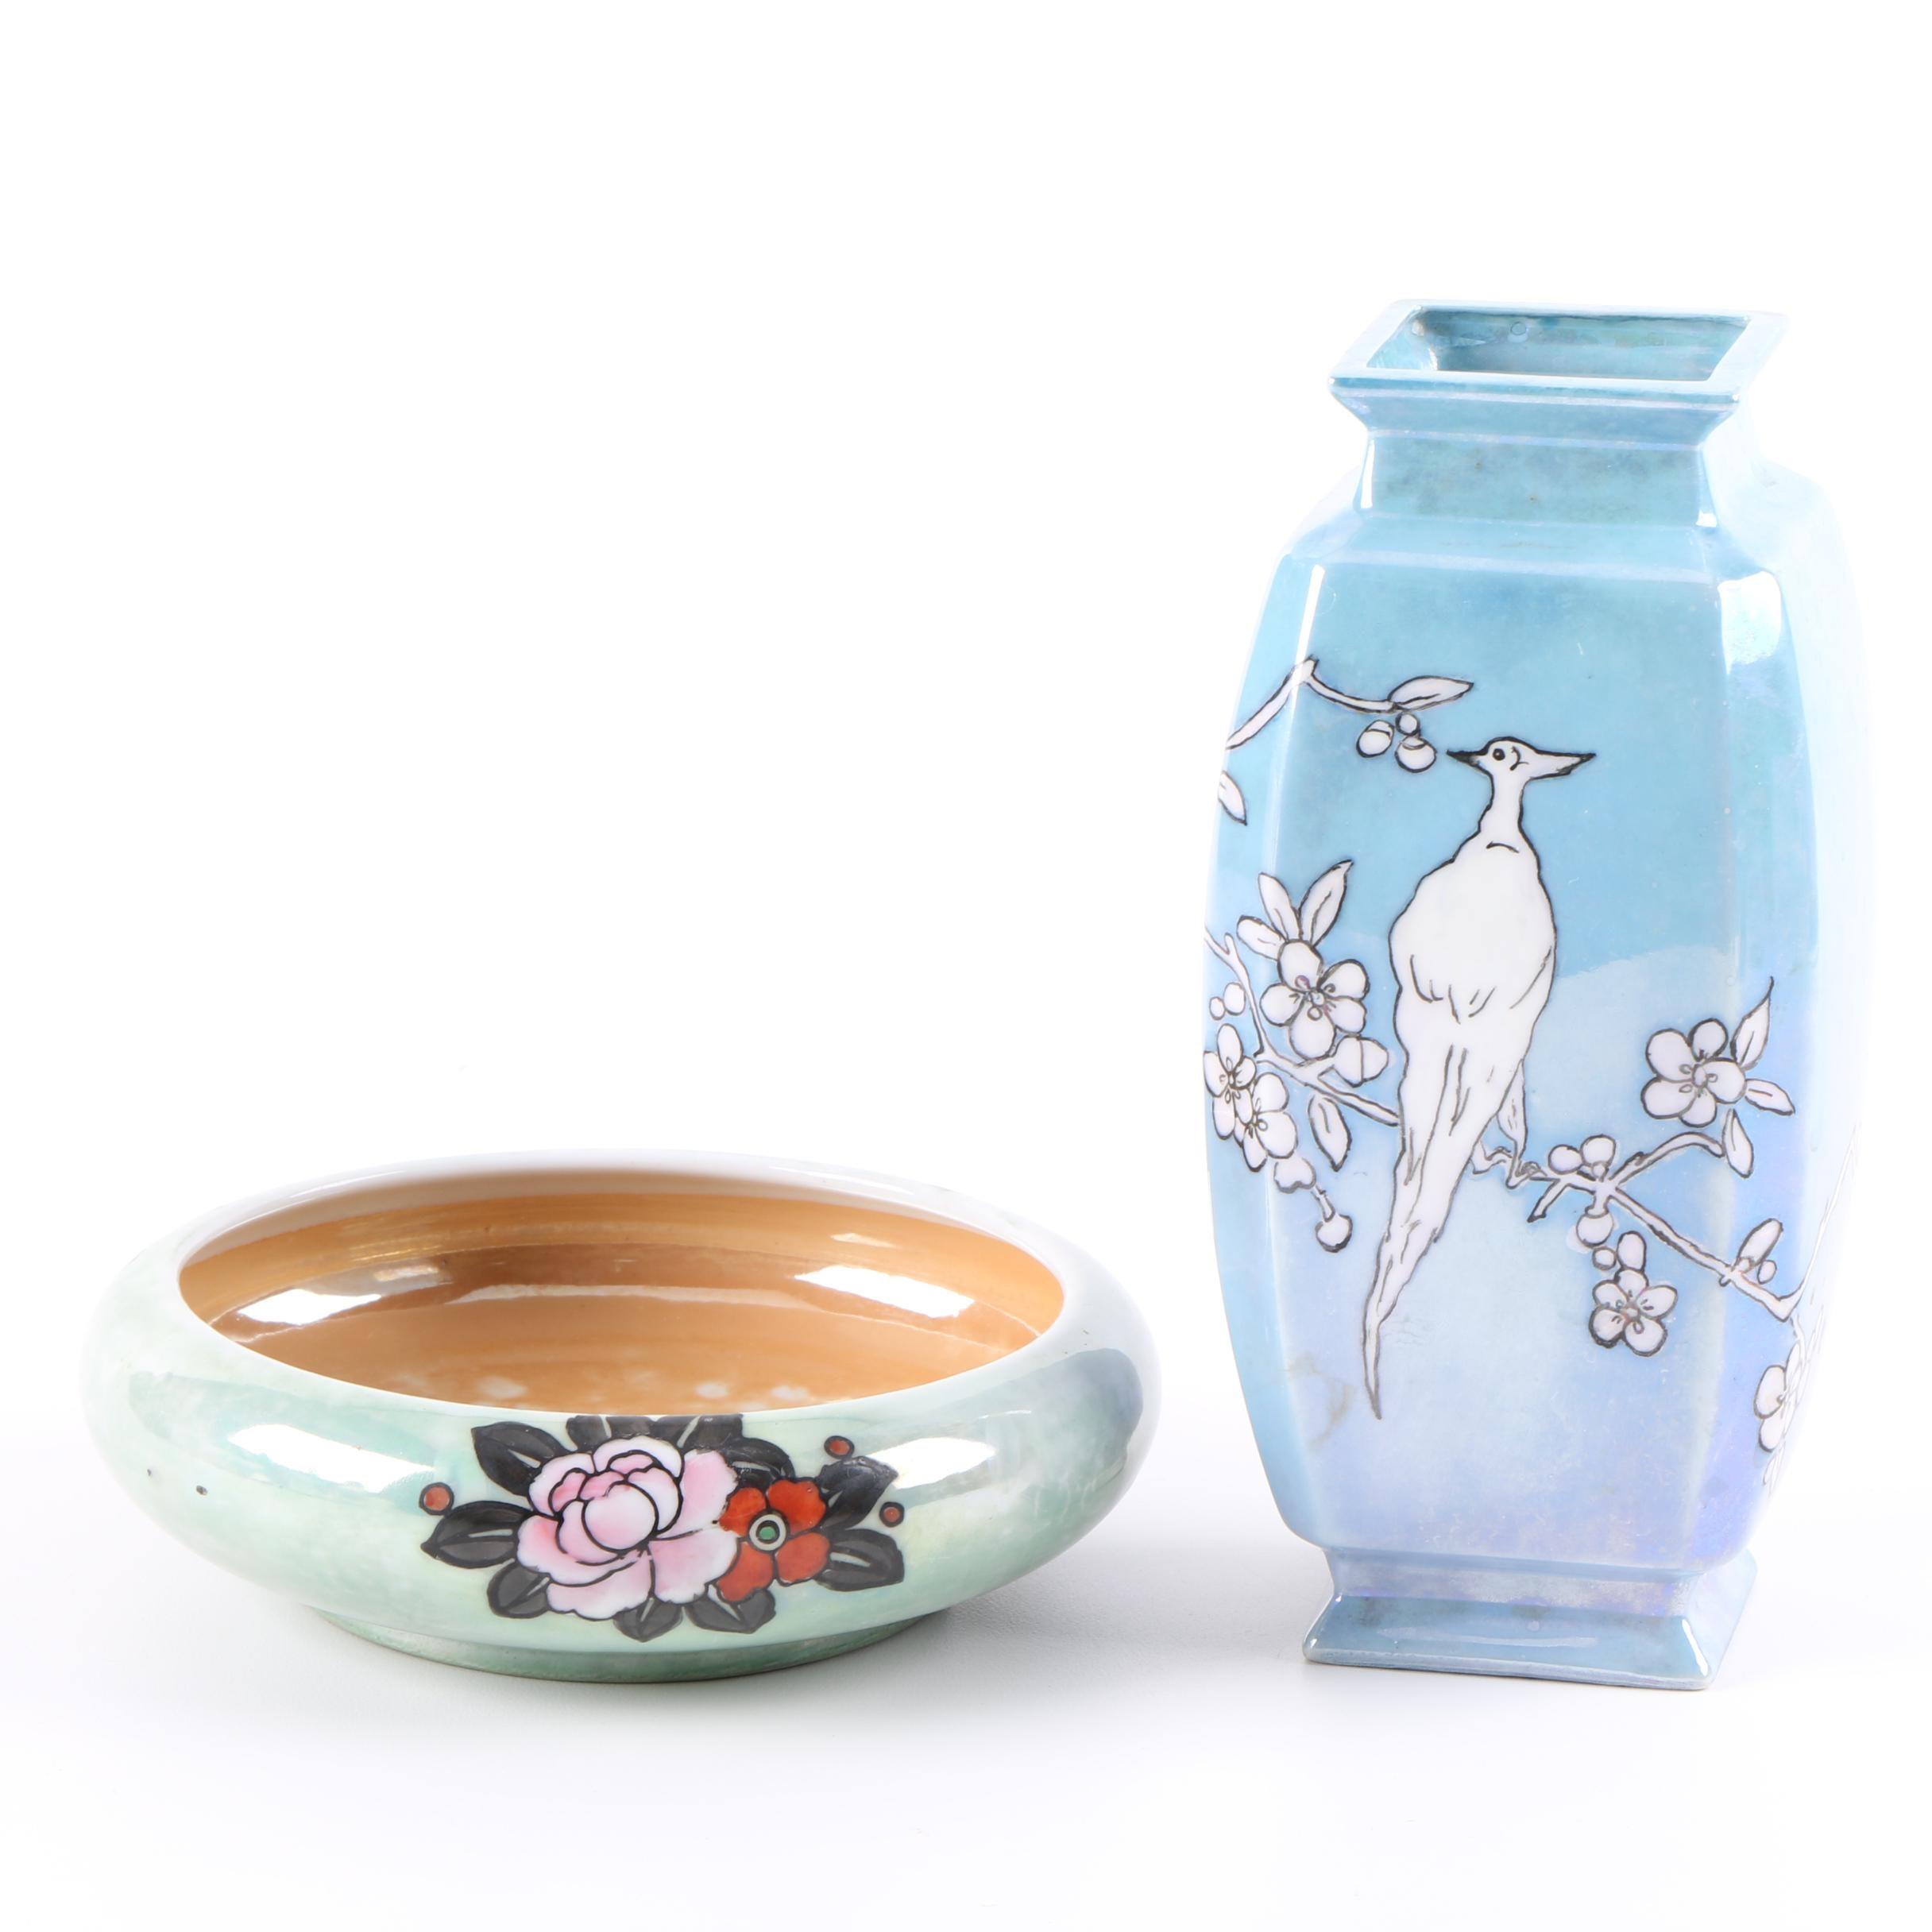 Hand-Painted Japanese Vase and Brush Washer